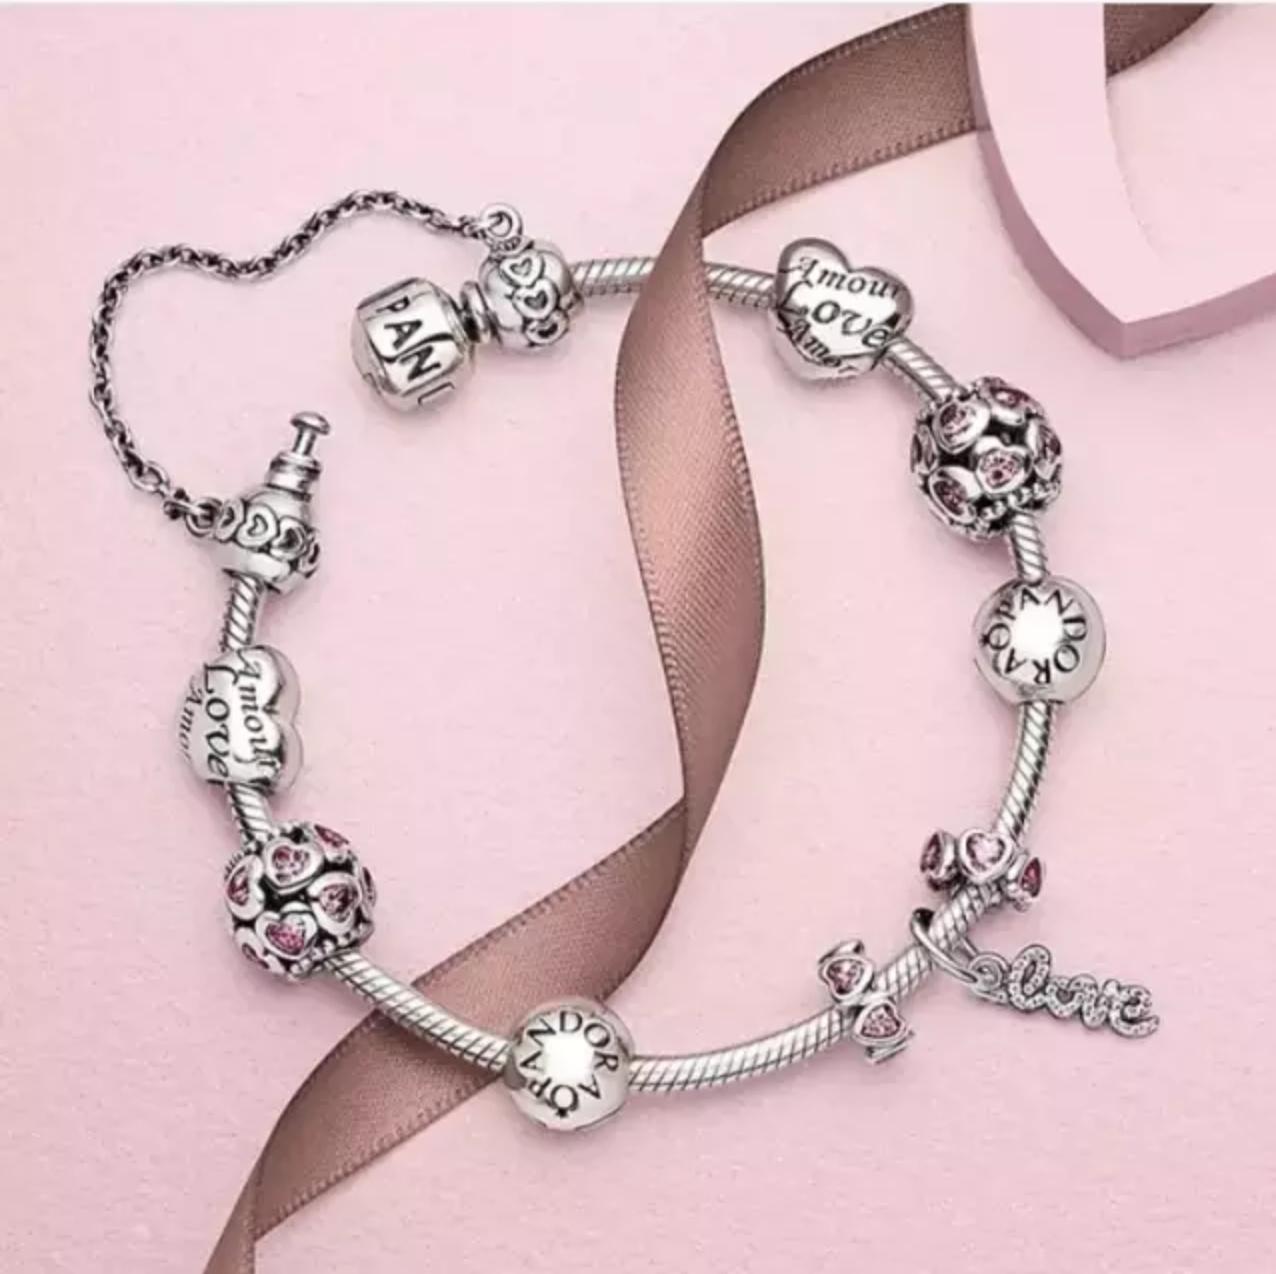 PANDORA潘多拉官网全场买满125镑送价值55镑银质耳环